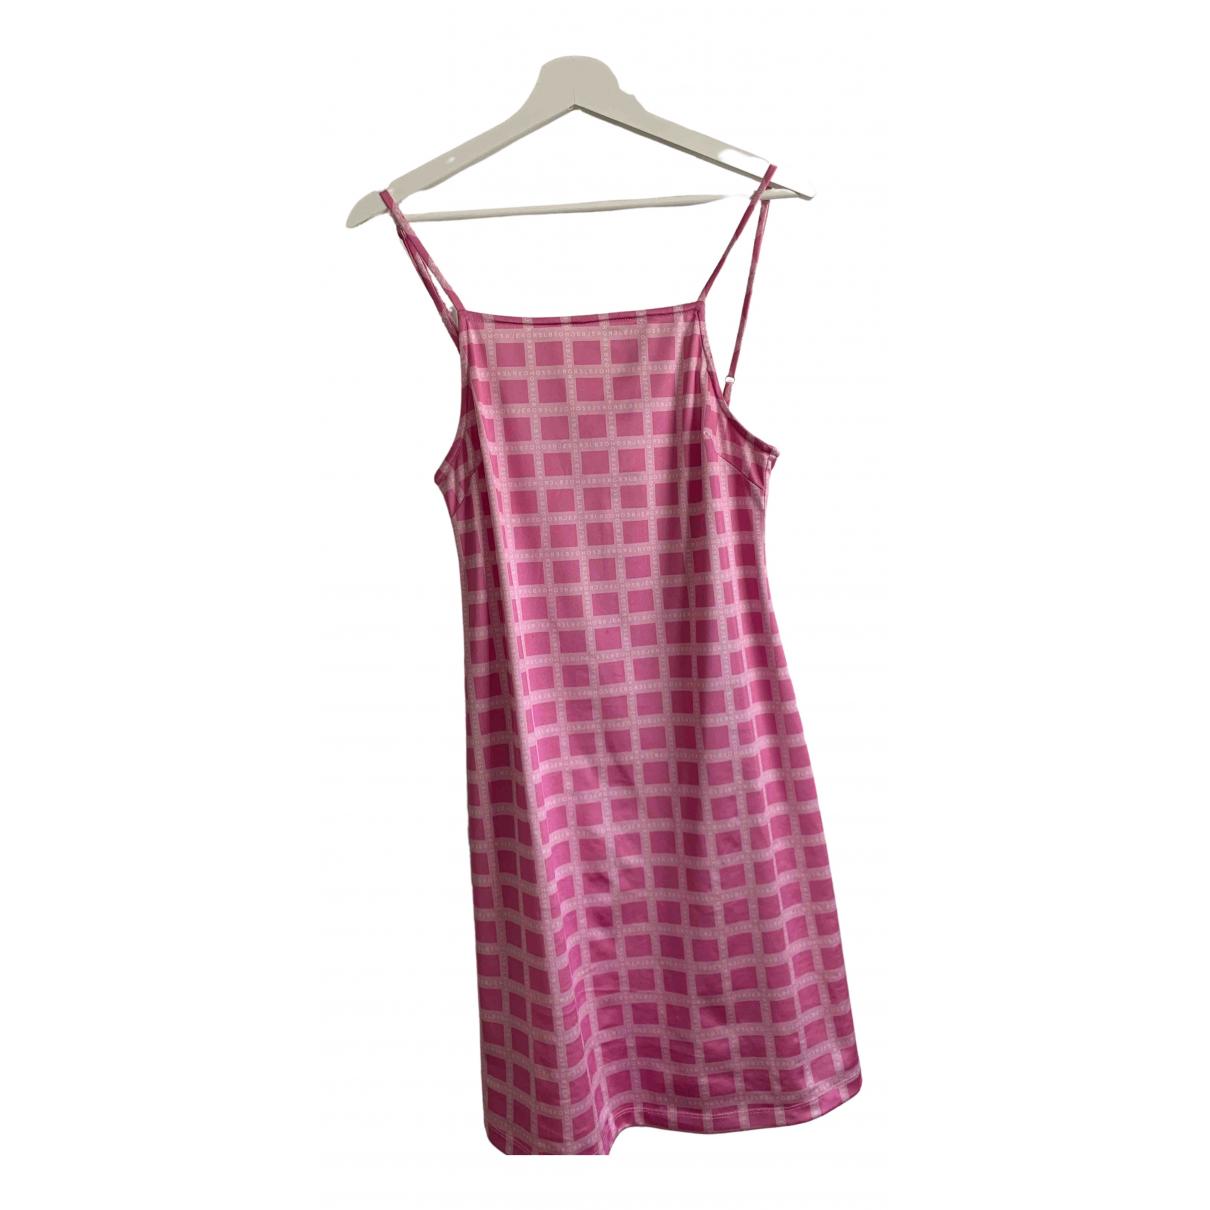 Hosbjerg \N Kleid in  Rosa Polyester